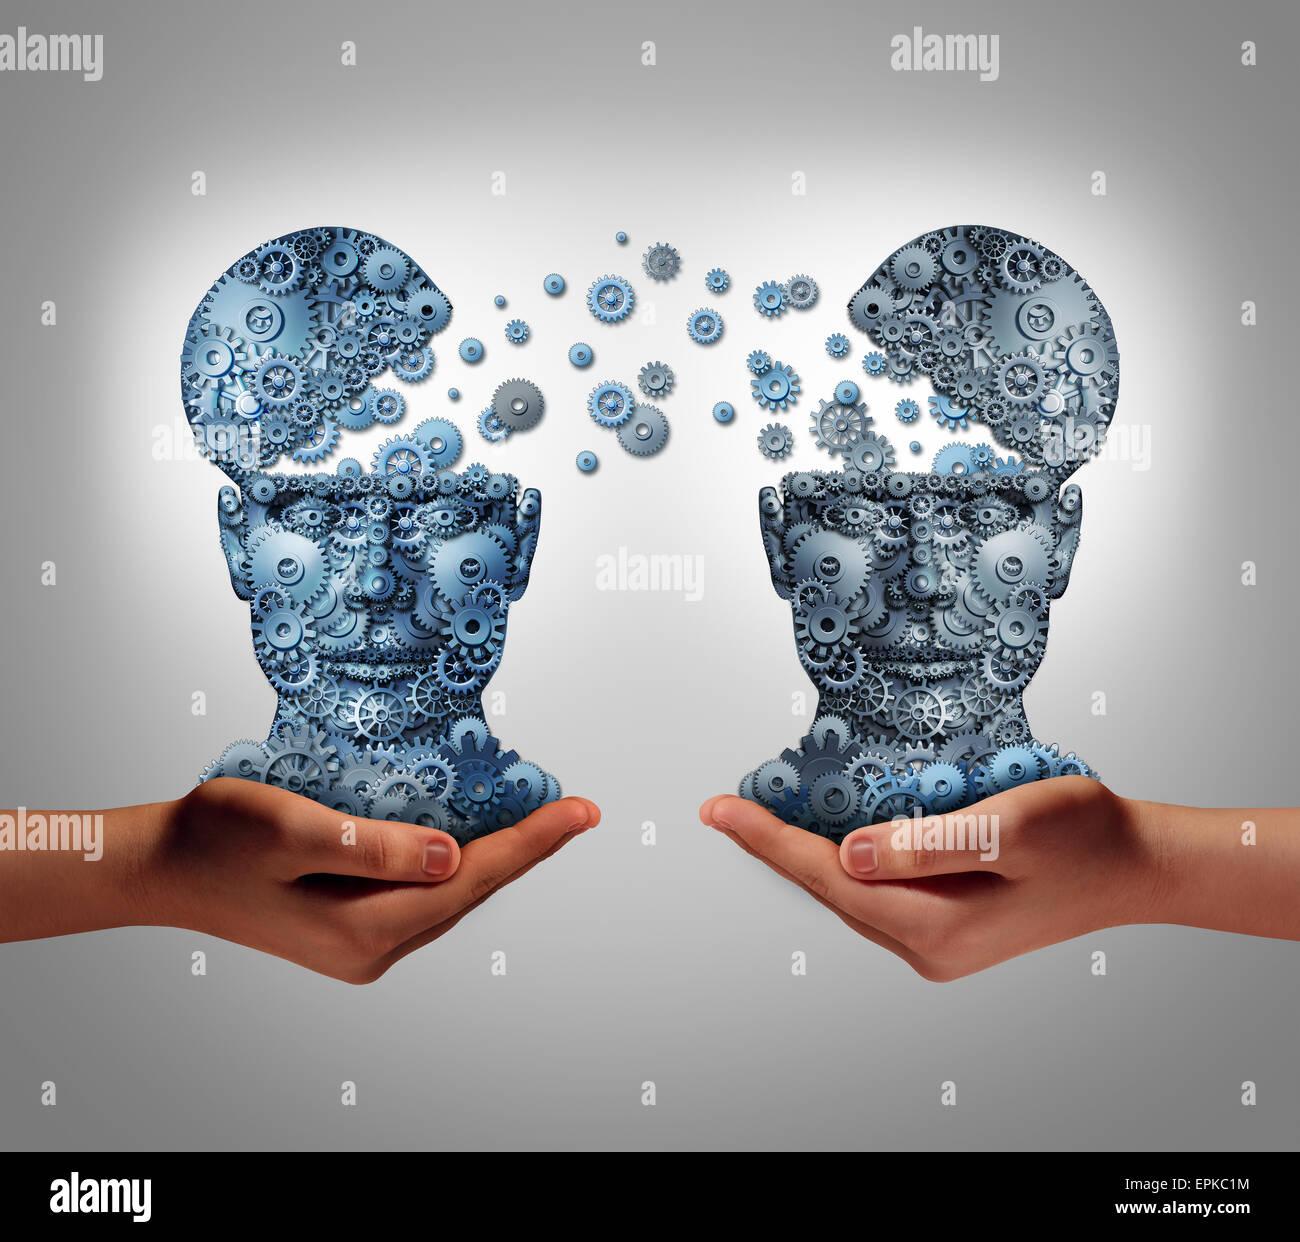 Austausch Von Technologie-Business-Konzept Als Hände